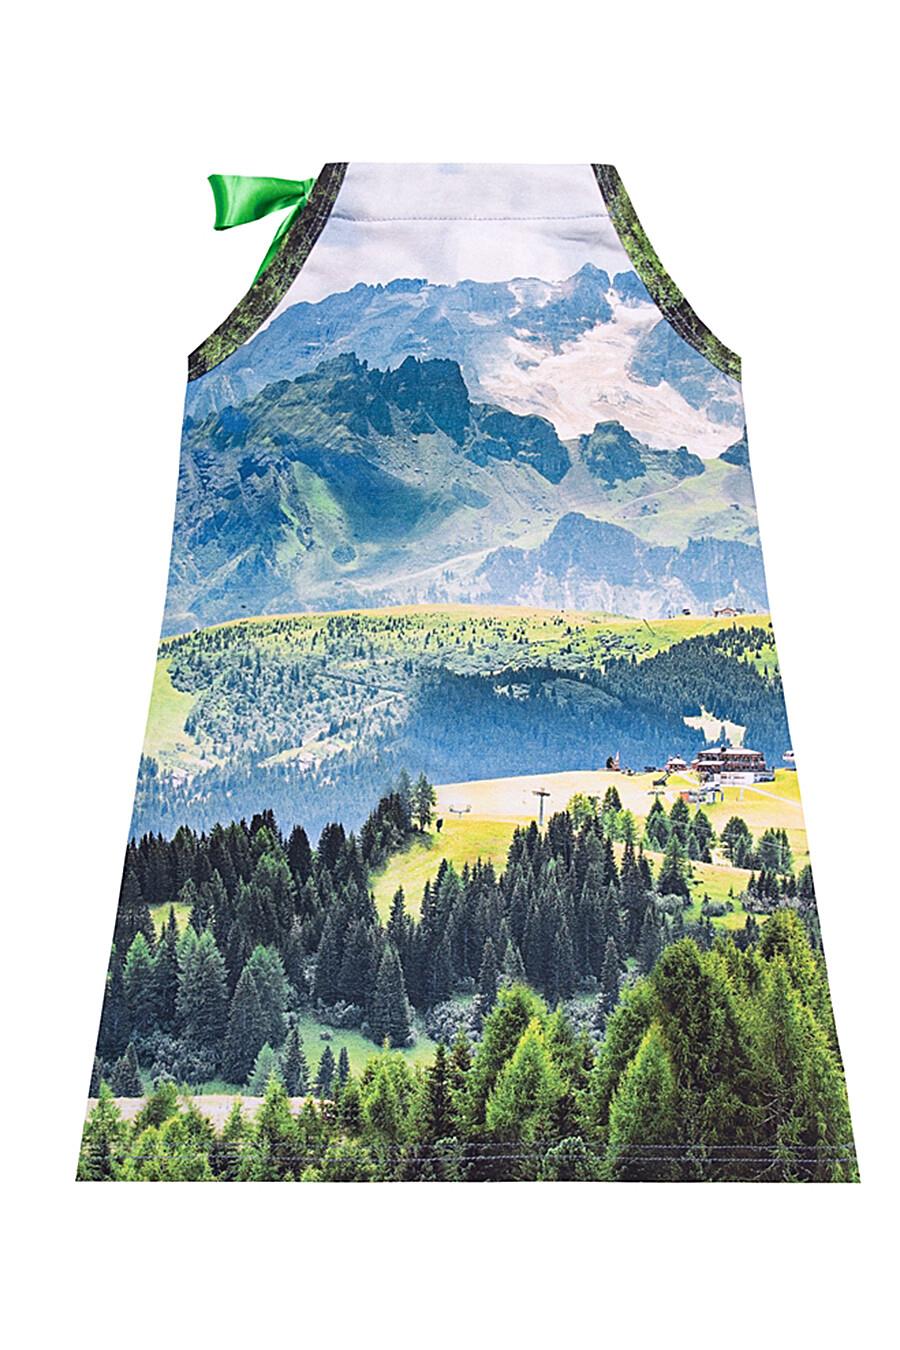 Сарафан для девочек АПРЕЛЬ 700358 купить оптом от производителя. Совместная покупка детской одежды в OptMoyo